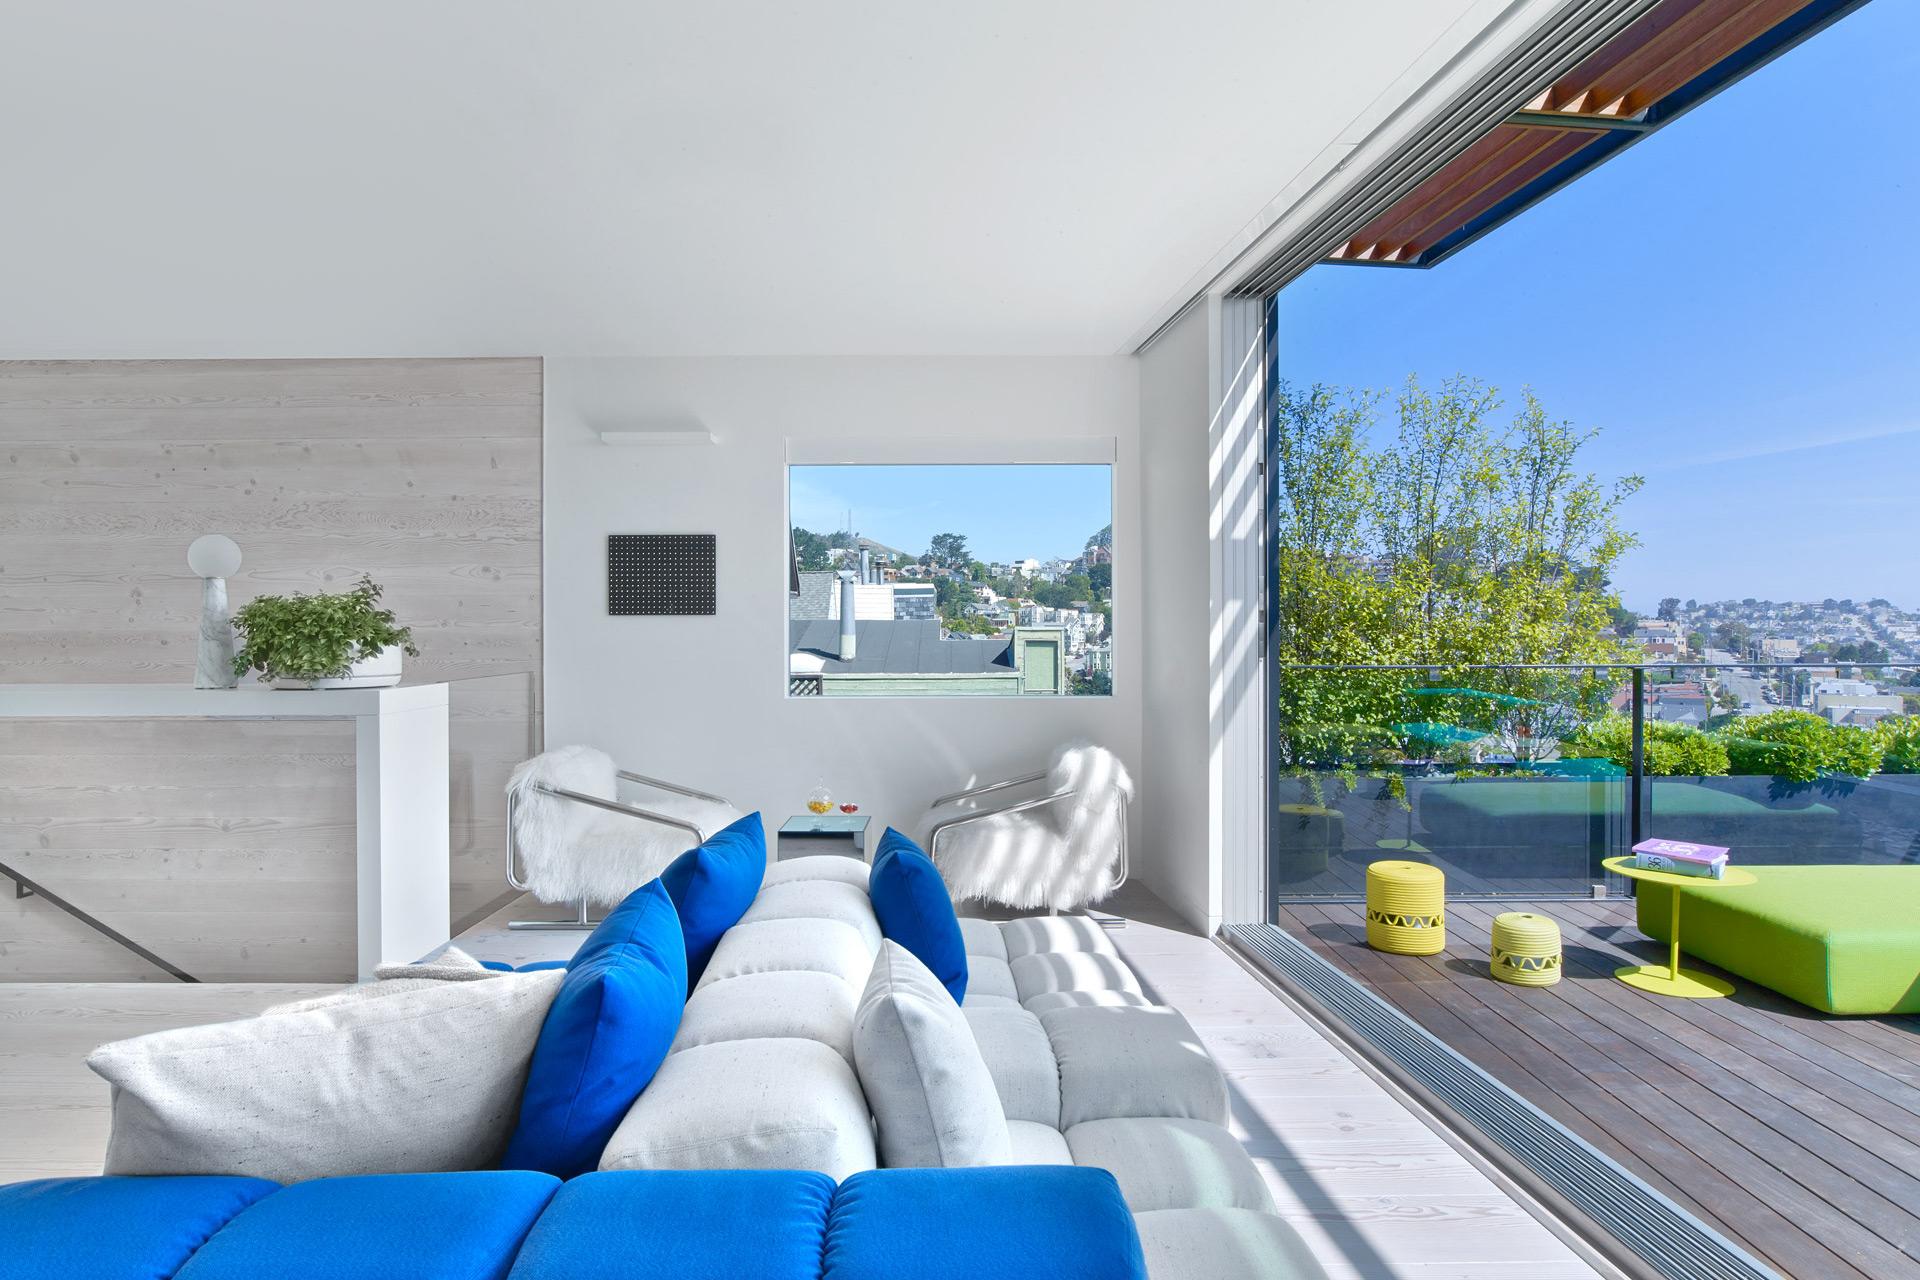 Glen Park Residence urban design